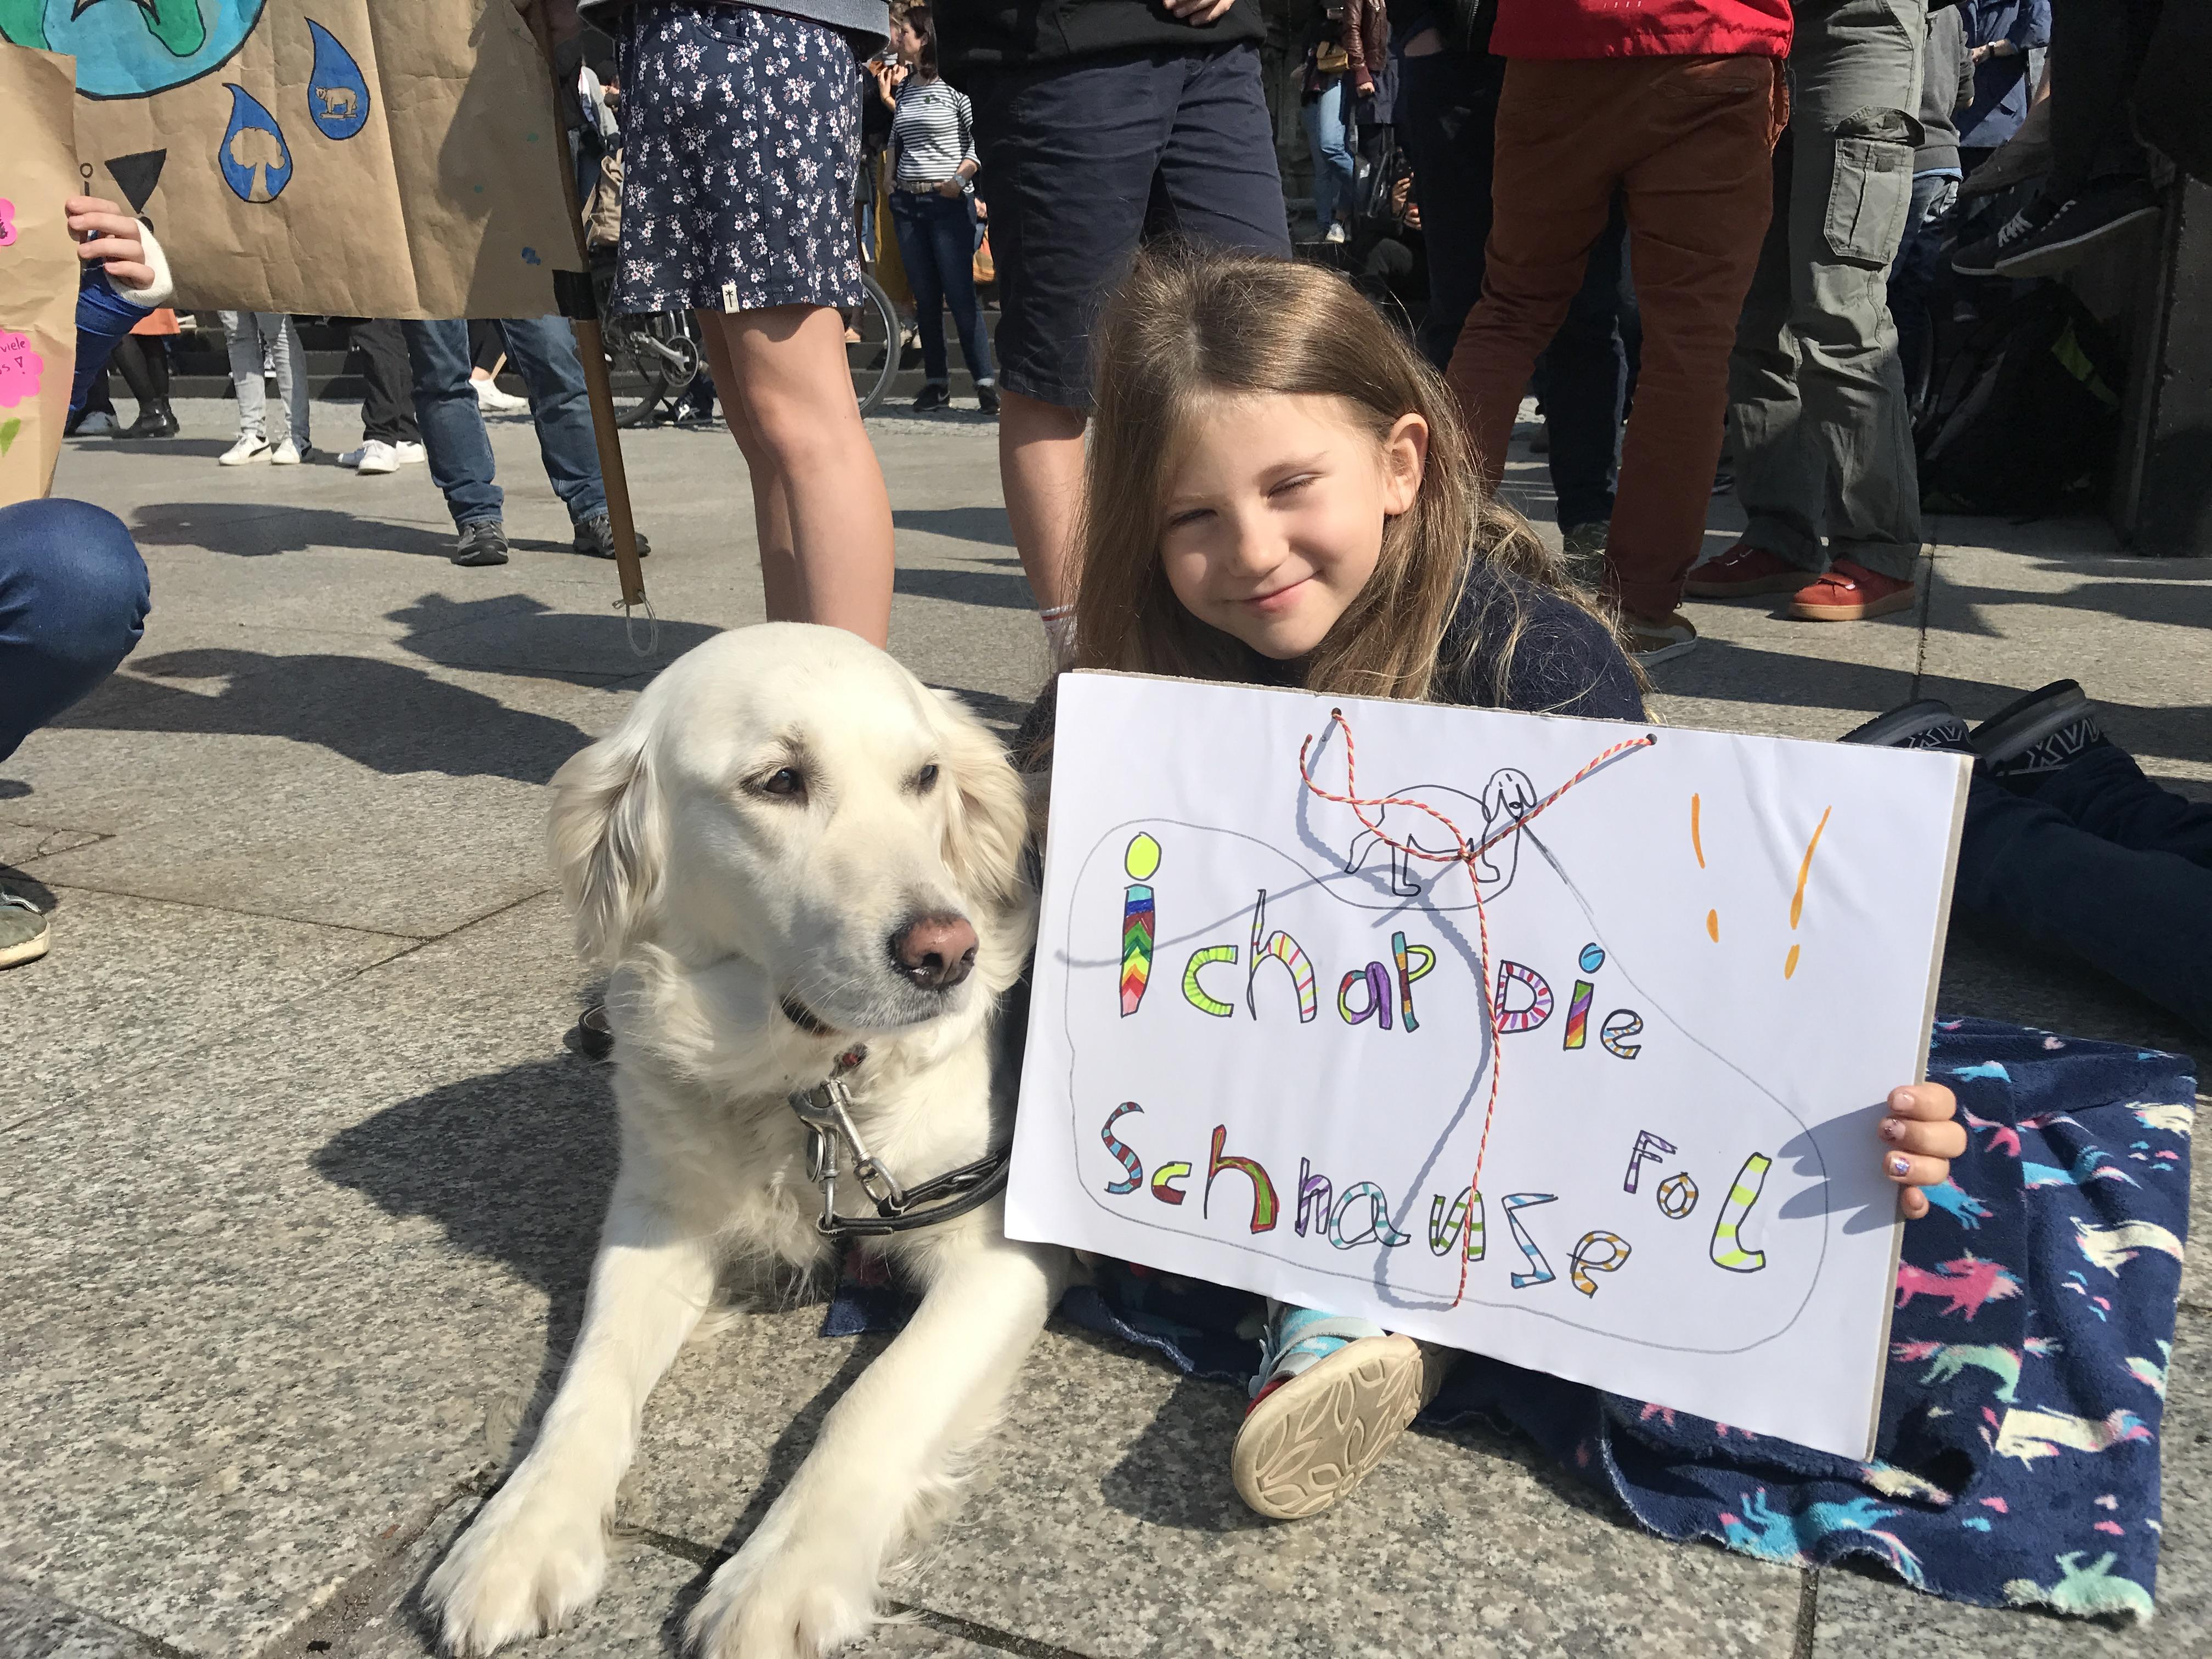 """Fridays for Future. Die ganze Familie war auf den Demos und wird auch am 20. September wieder auf die Straße gehen. """"Ichap die Schneuze fol"""" sagt denn auch Charlie...."""